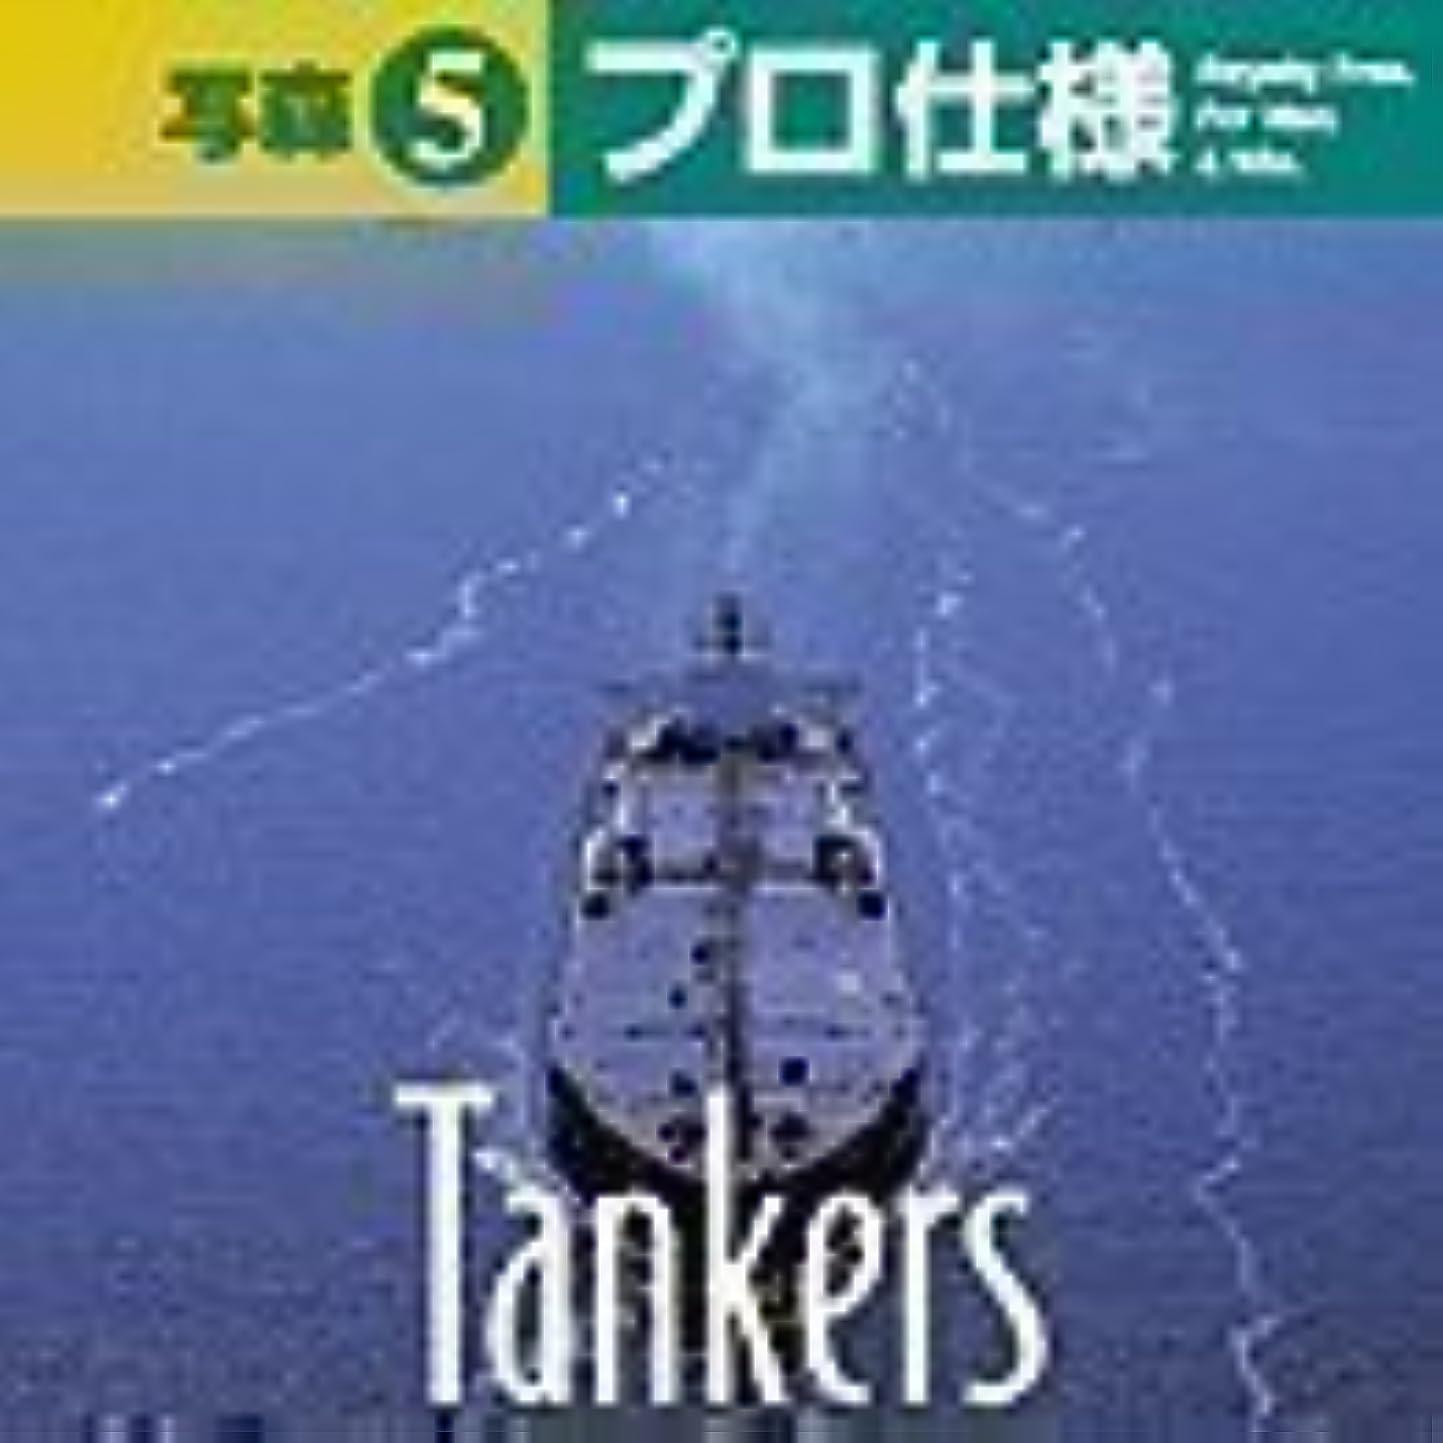 写森プロ仕様 Vol.5 Tanker